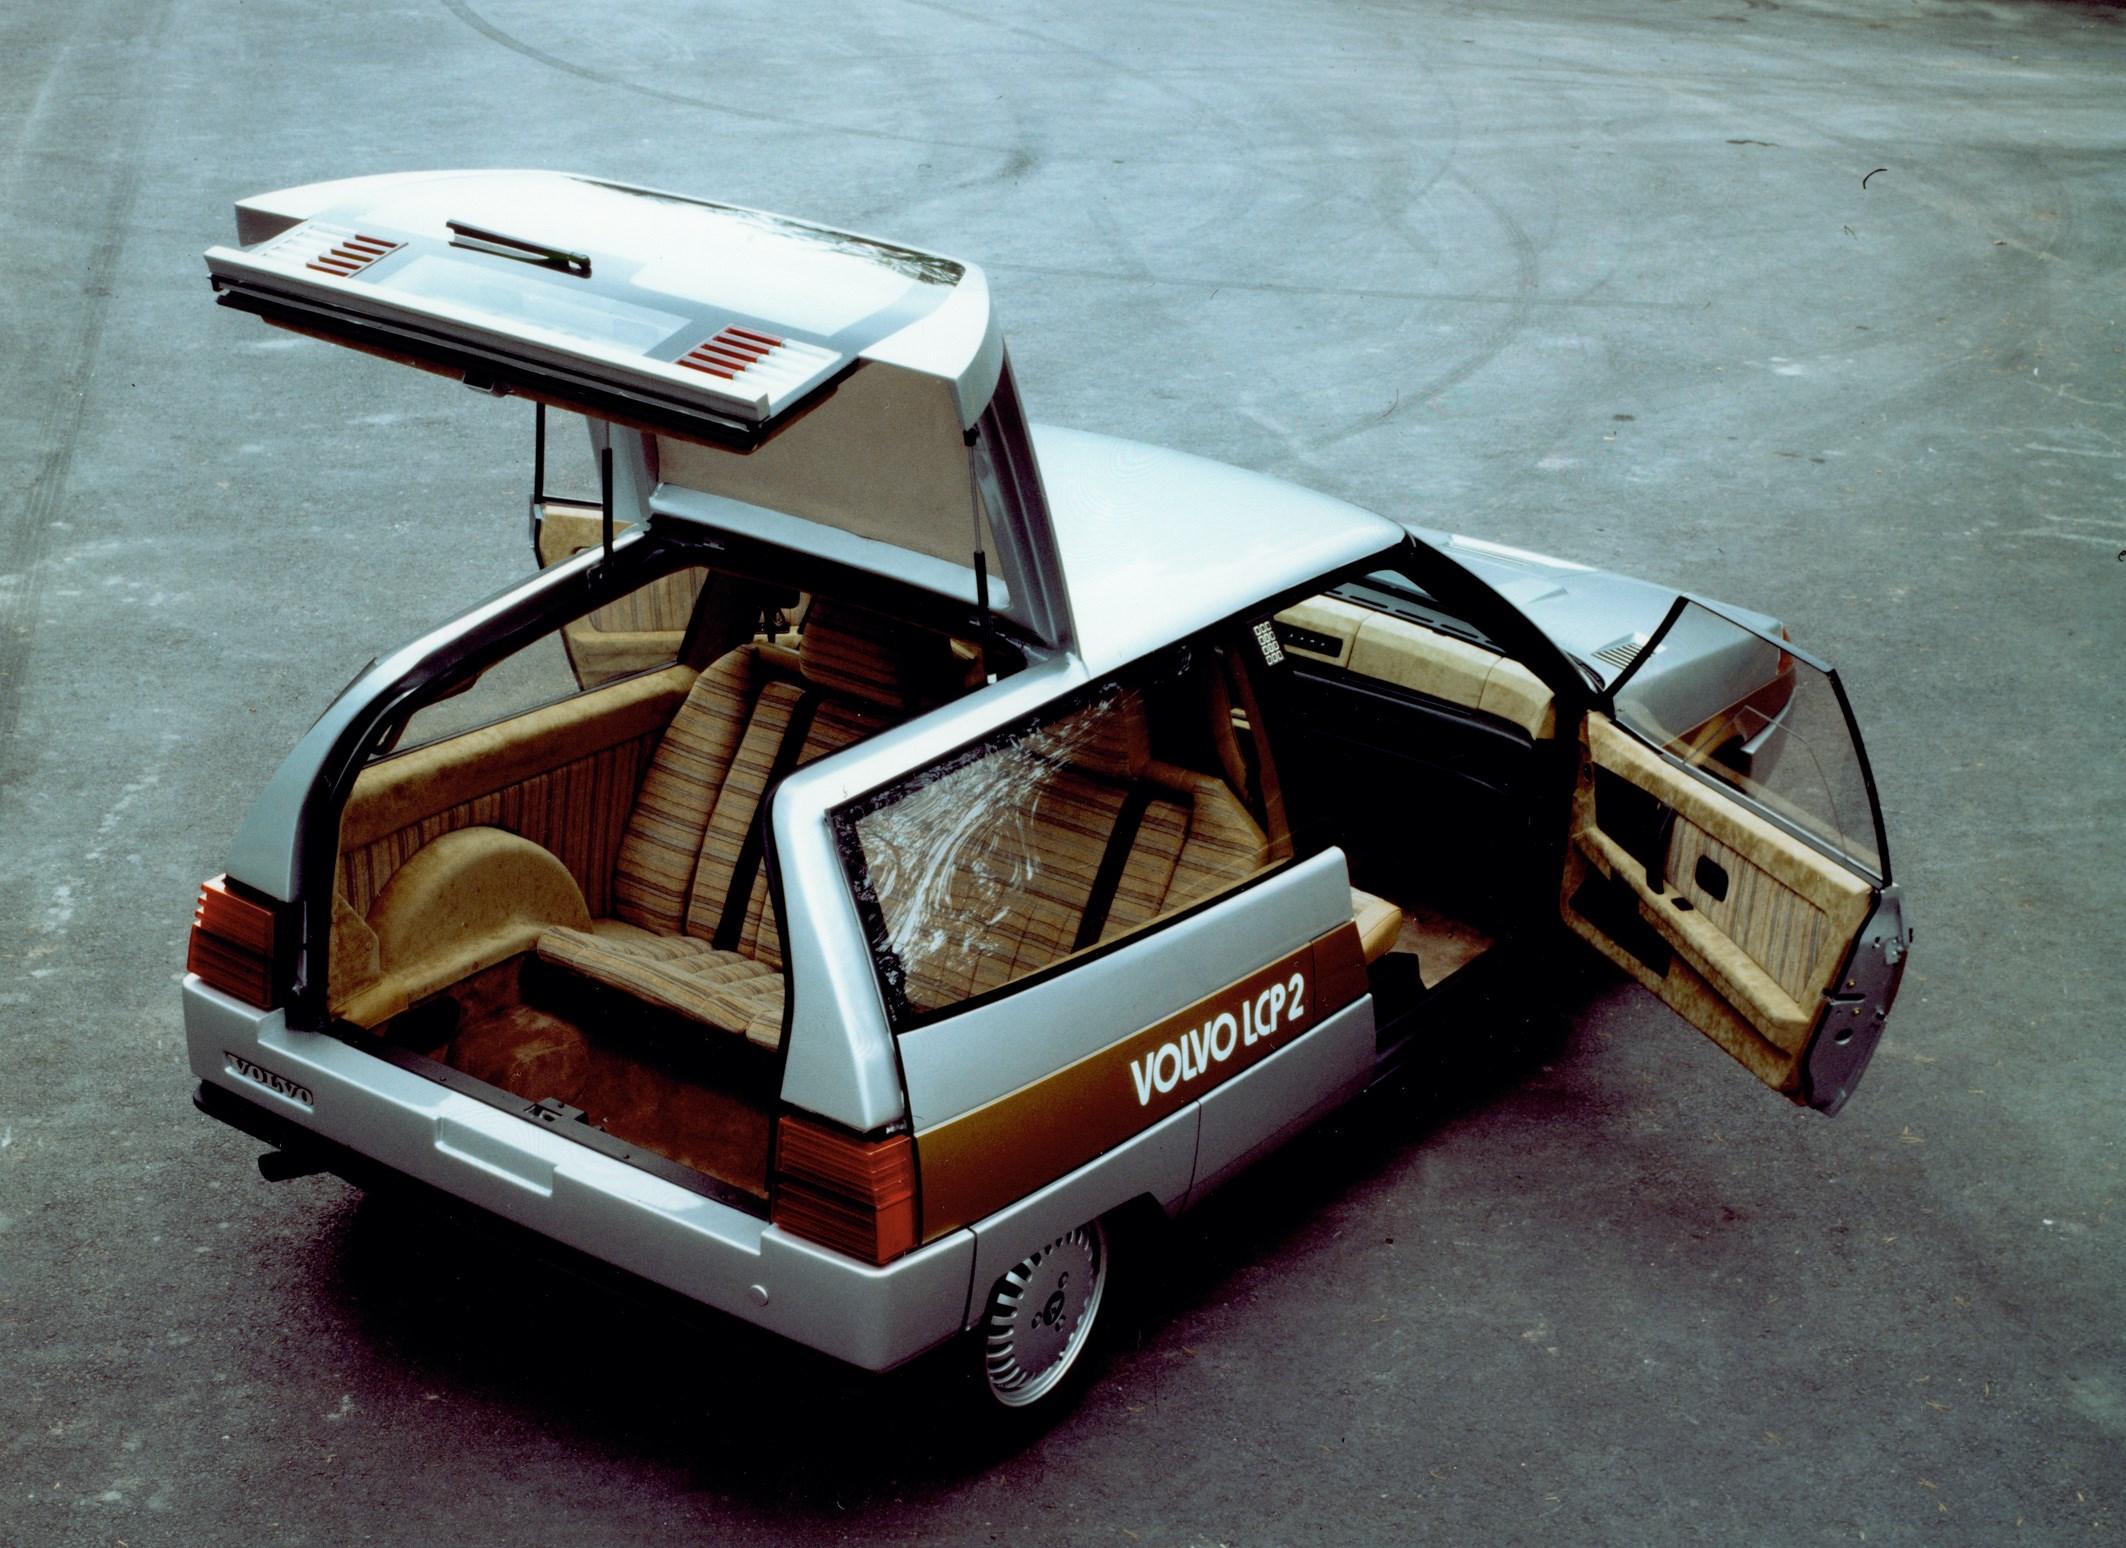 Volvo LCP 2000, el prototipo de 1983 que anticipó el futuro